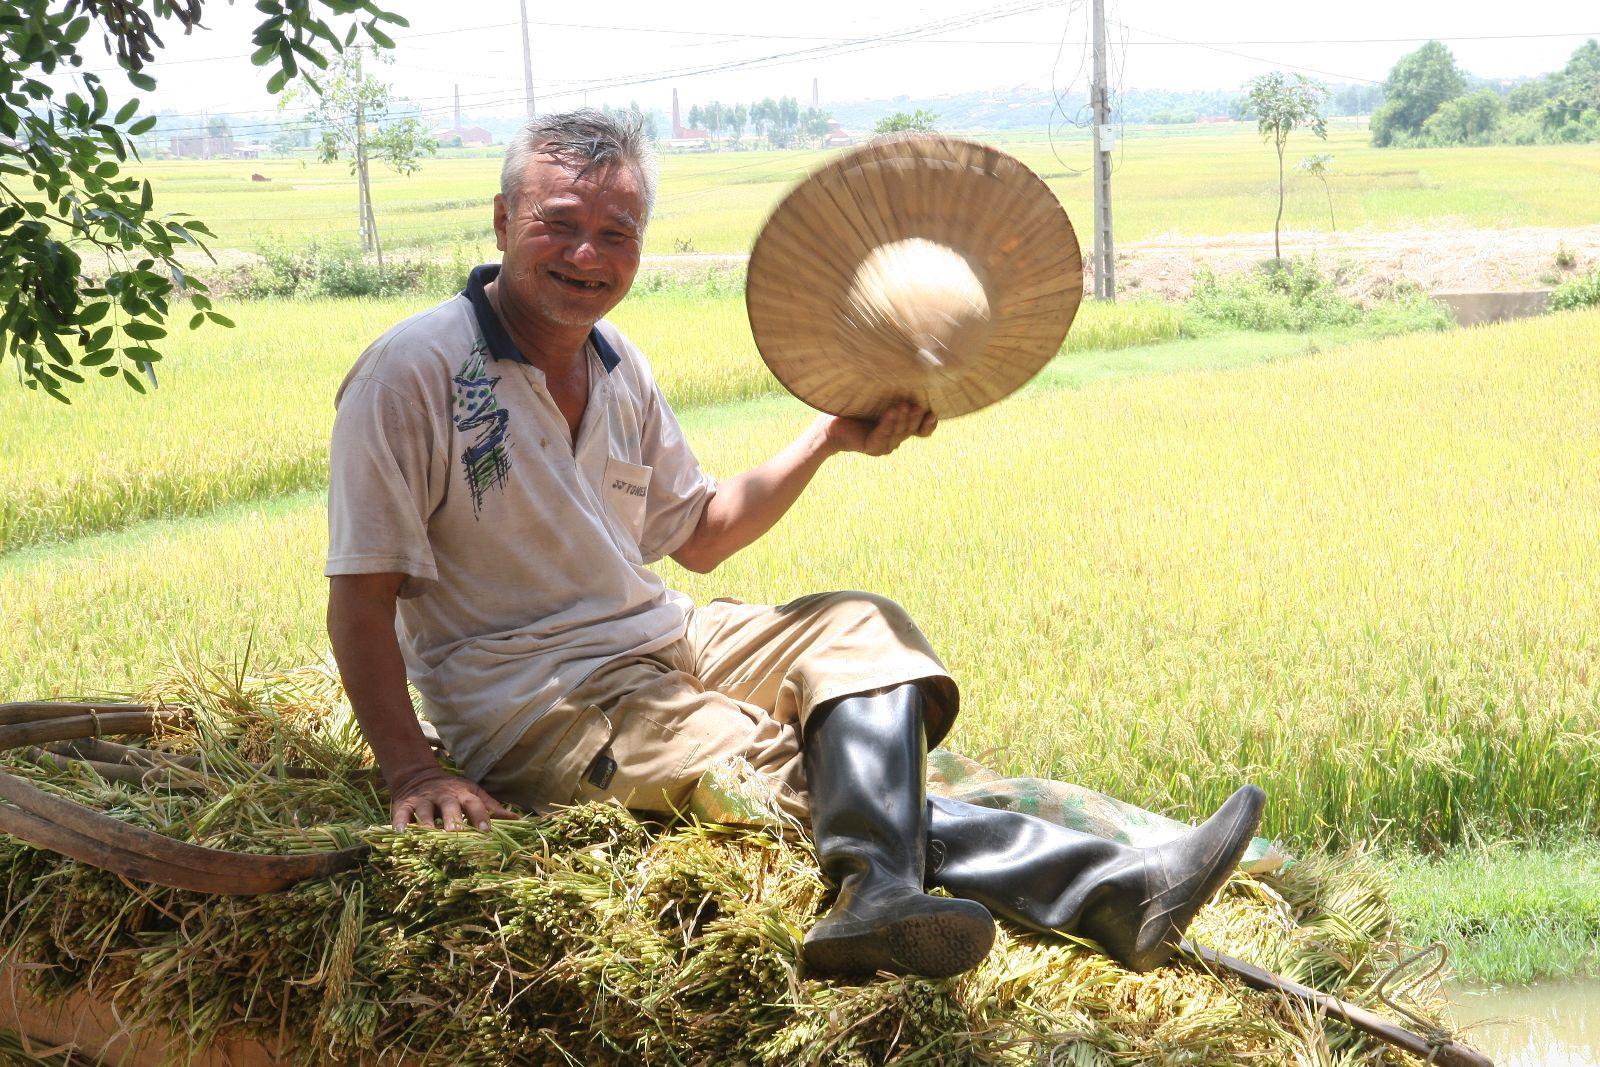 phẩm chất là gì, phẩm chất hiện đại, phẩm chất con người Việt Nam xưa